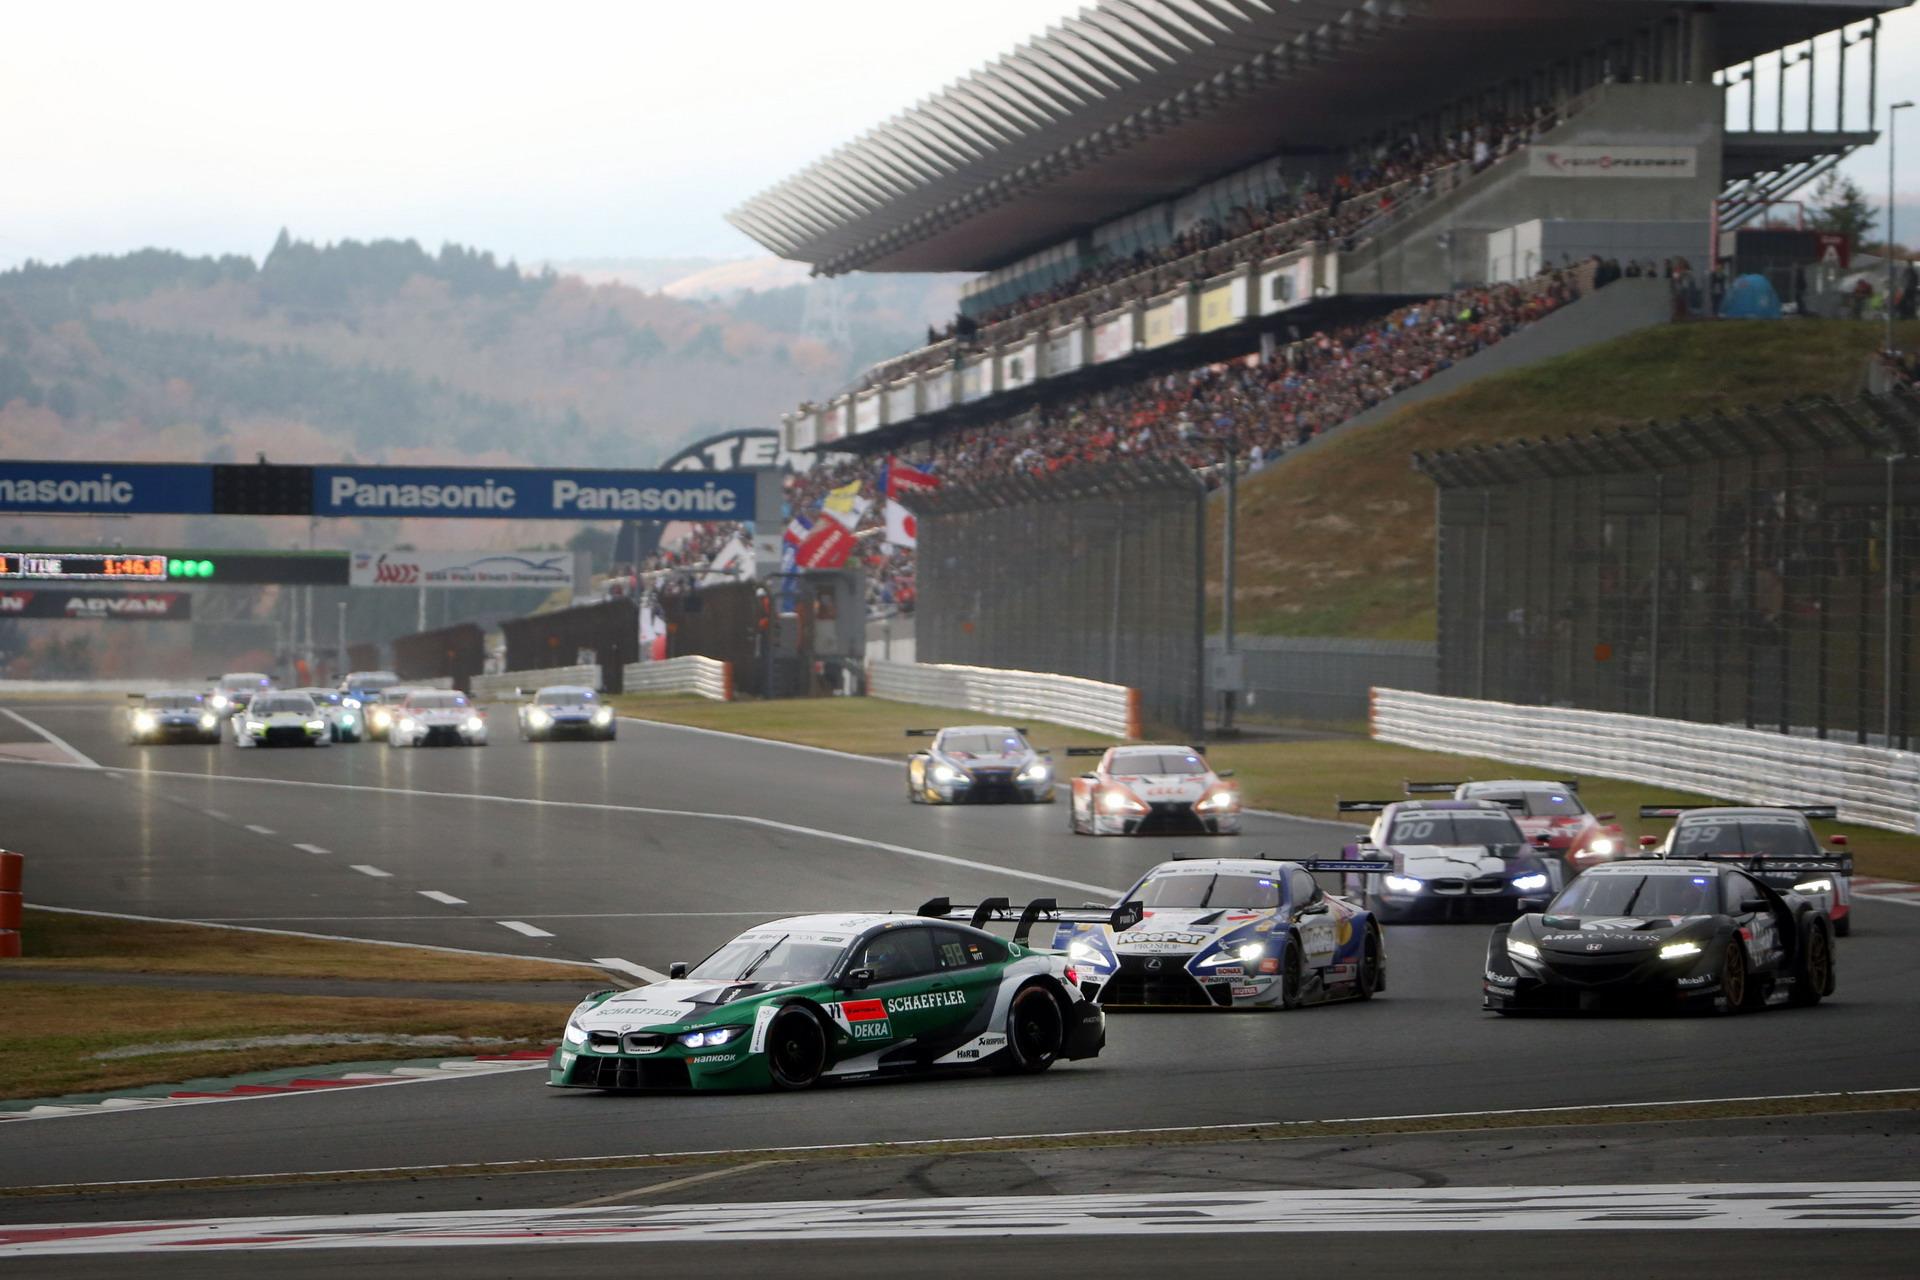 BMW SUPER GT x DTM Dream Race at Fuji 17